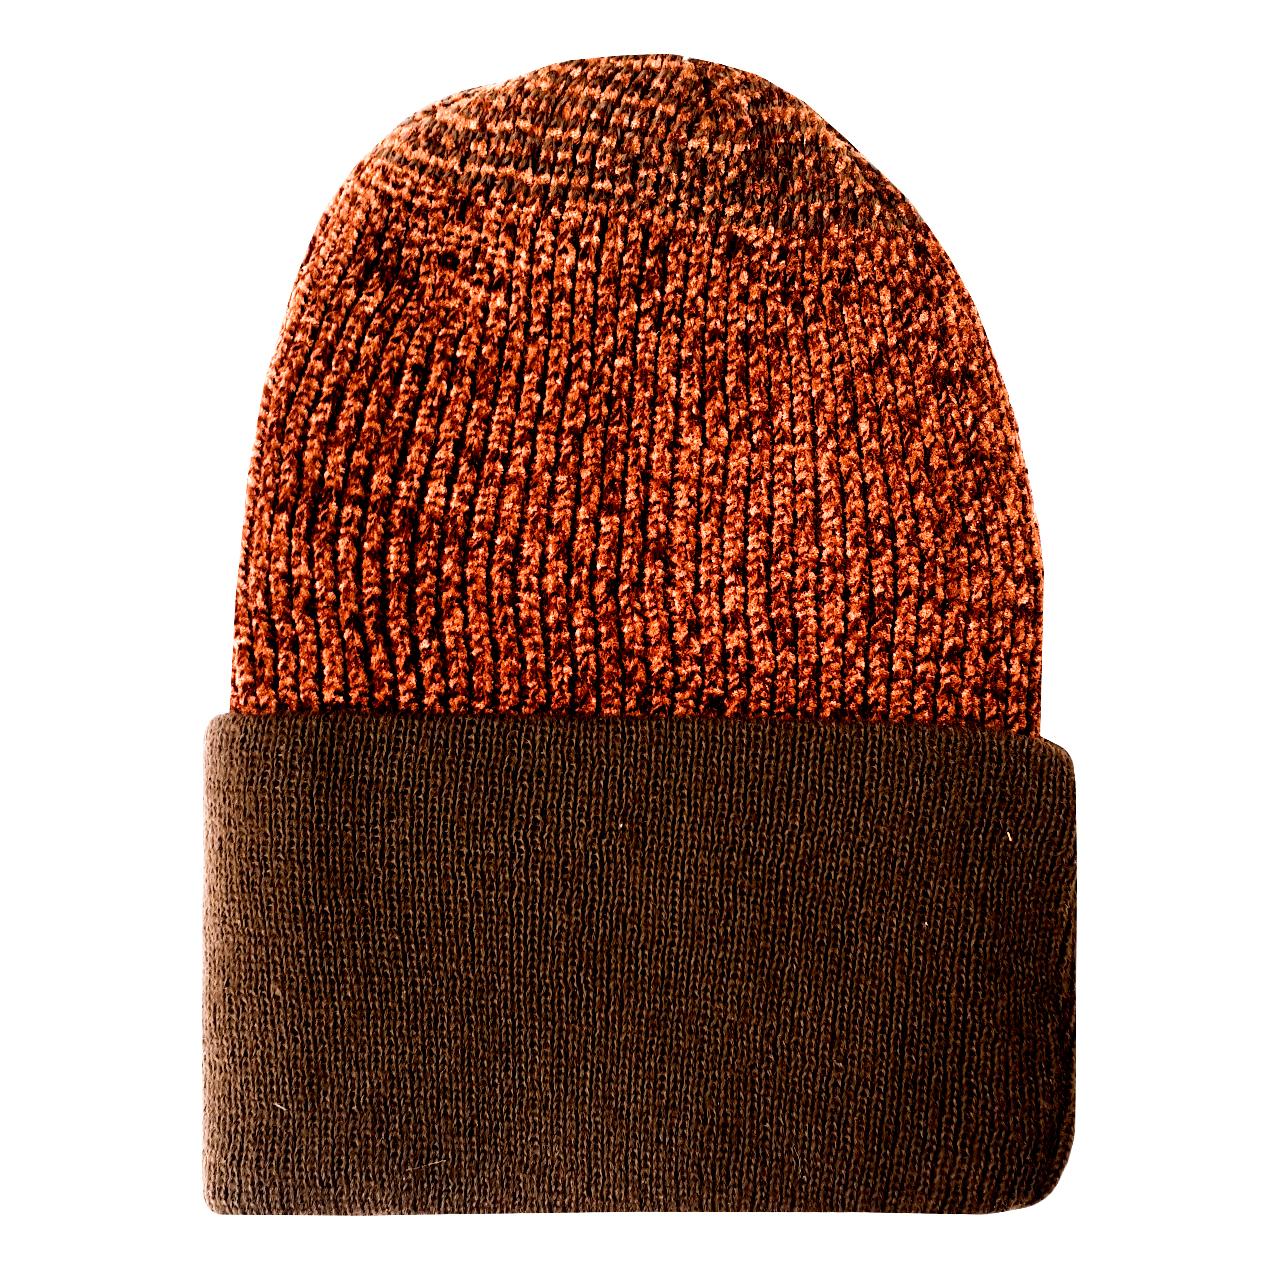 کلاه بافتنی مدل KOA